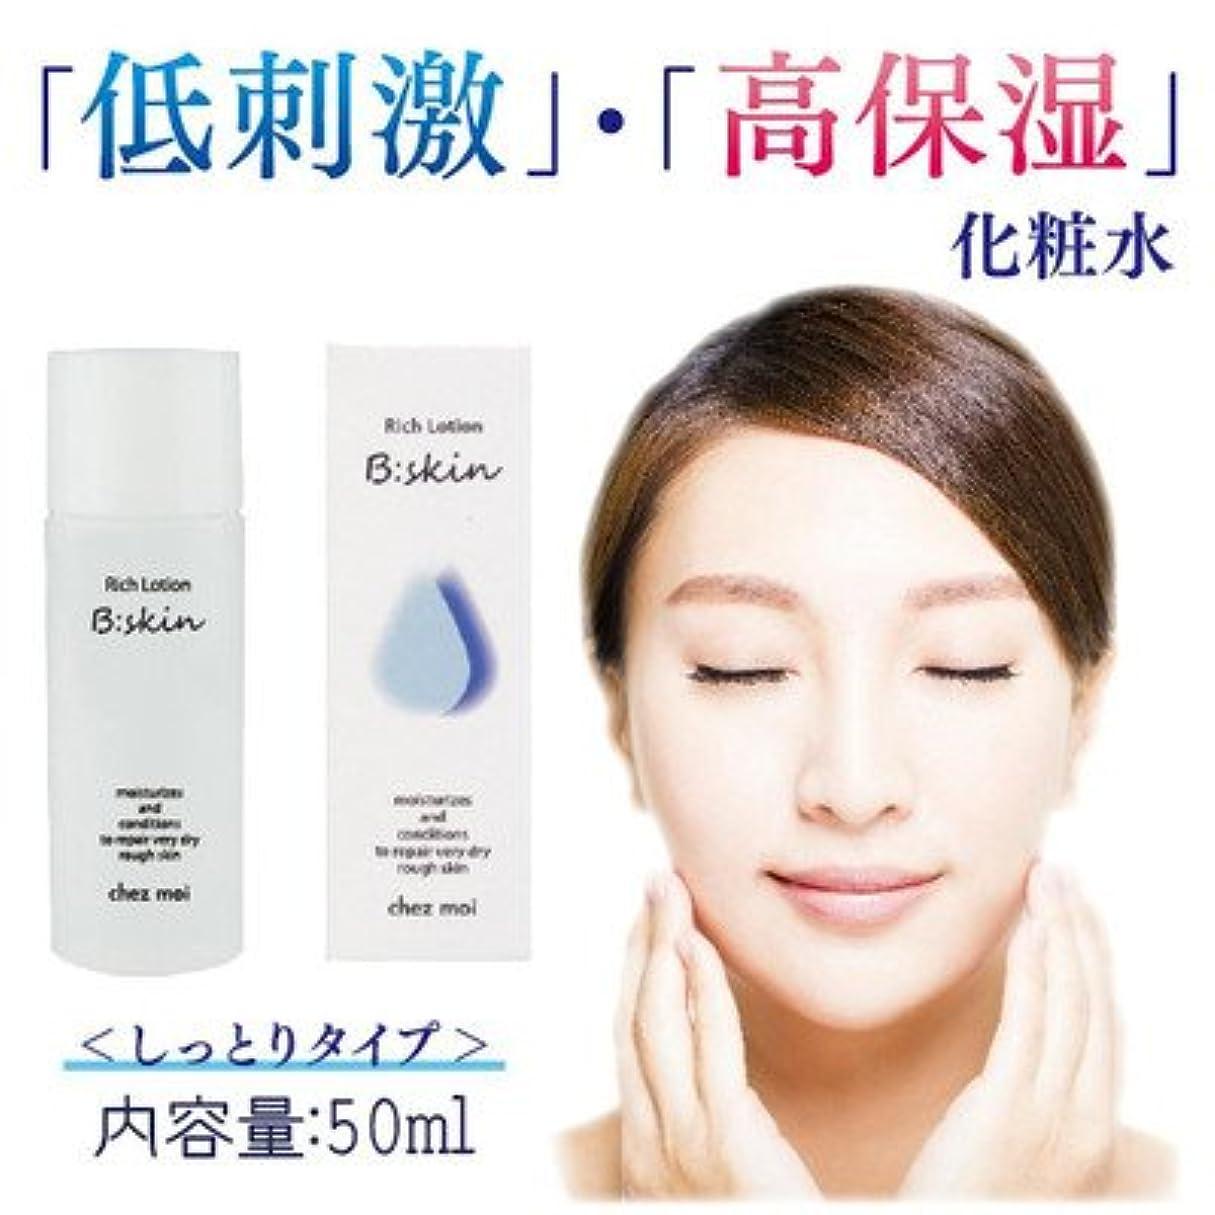 業界ノーブルアトミック低刺激 高保湿 しっとりタイプの化粧水 B:skin ビースキン Rich Lotion リッチローション しっとりタイプ 化粧水 50mL